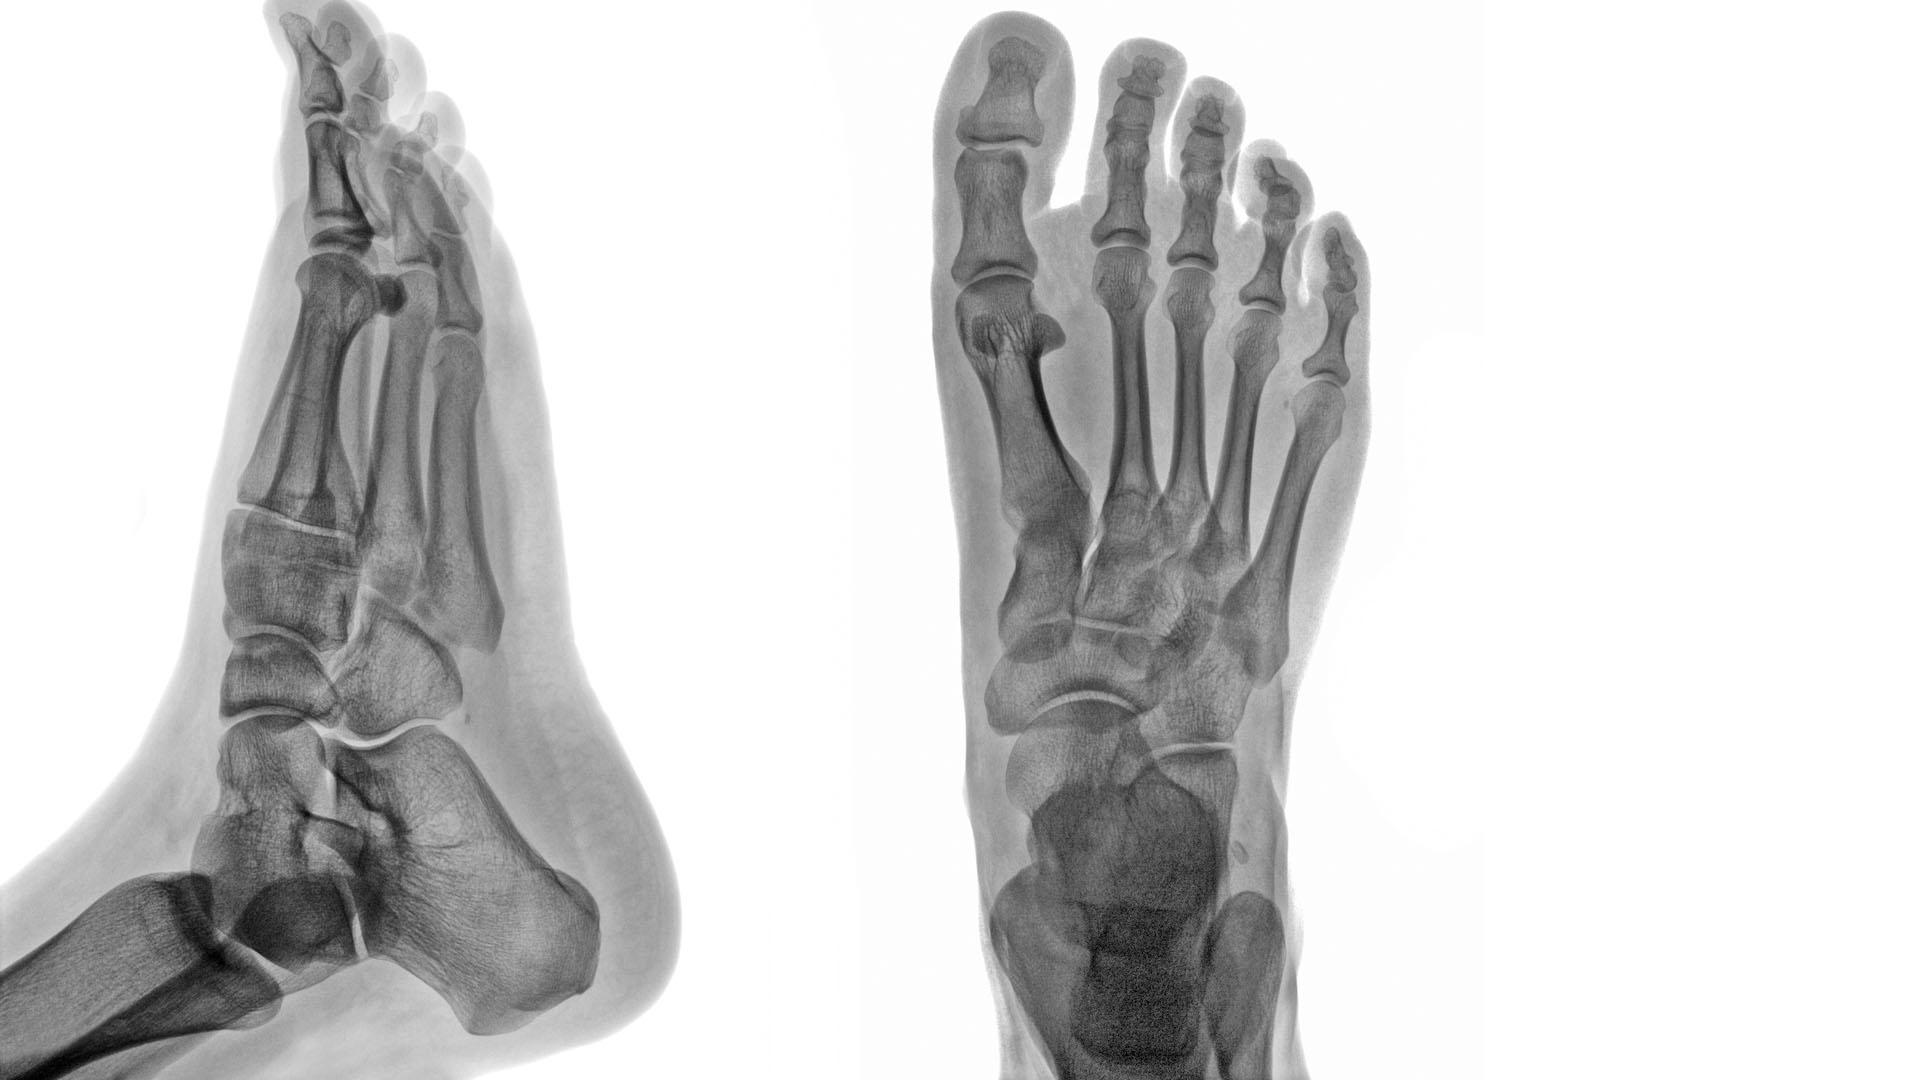 borostyánkősav kezelés az artrózisban